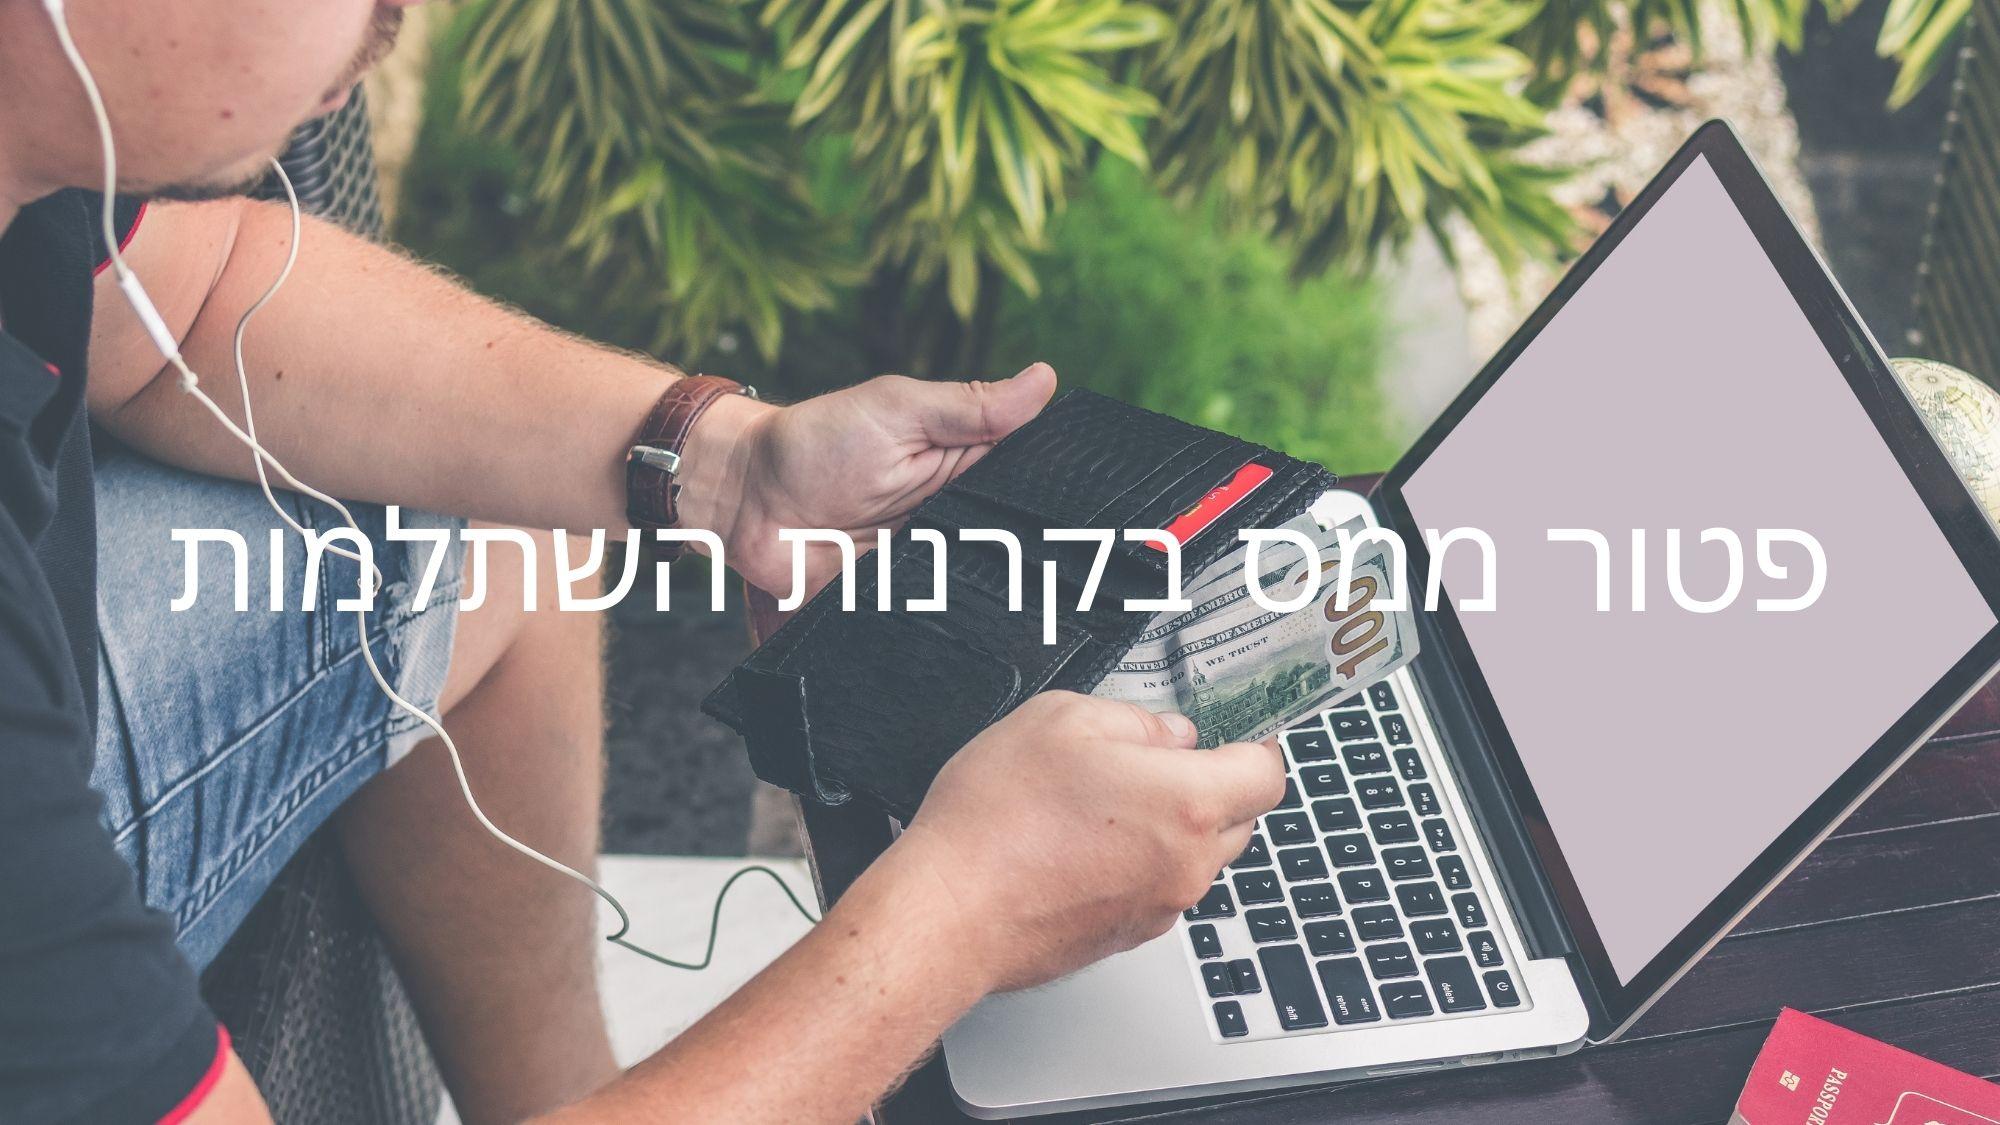 גבר מול מחשב נייד - פידיון מוקדם של קרנות השתלמות